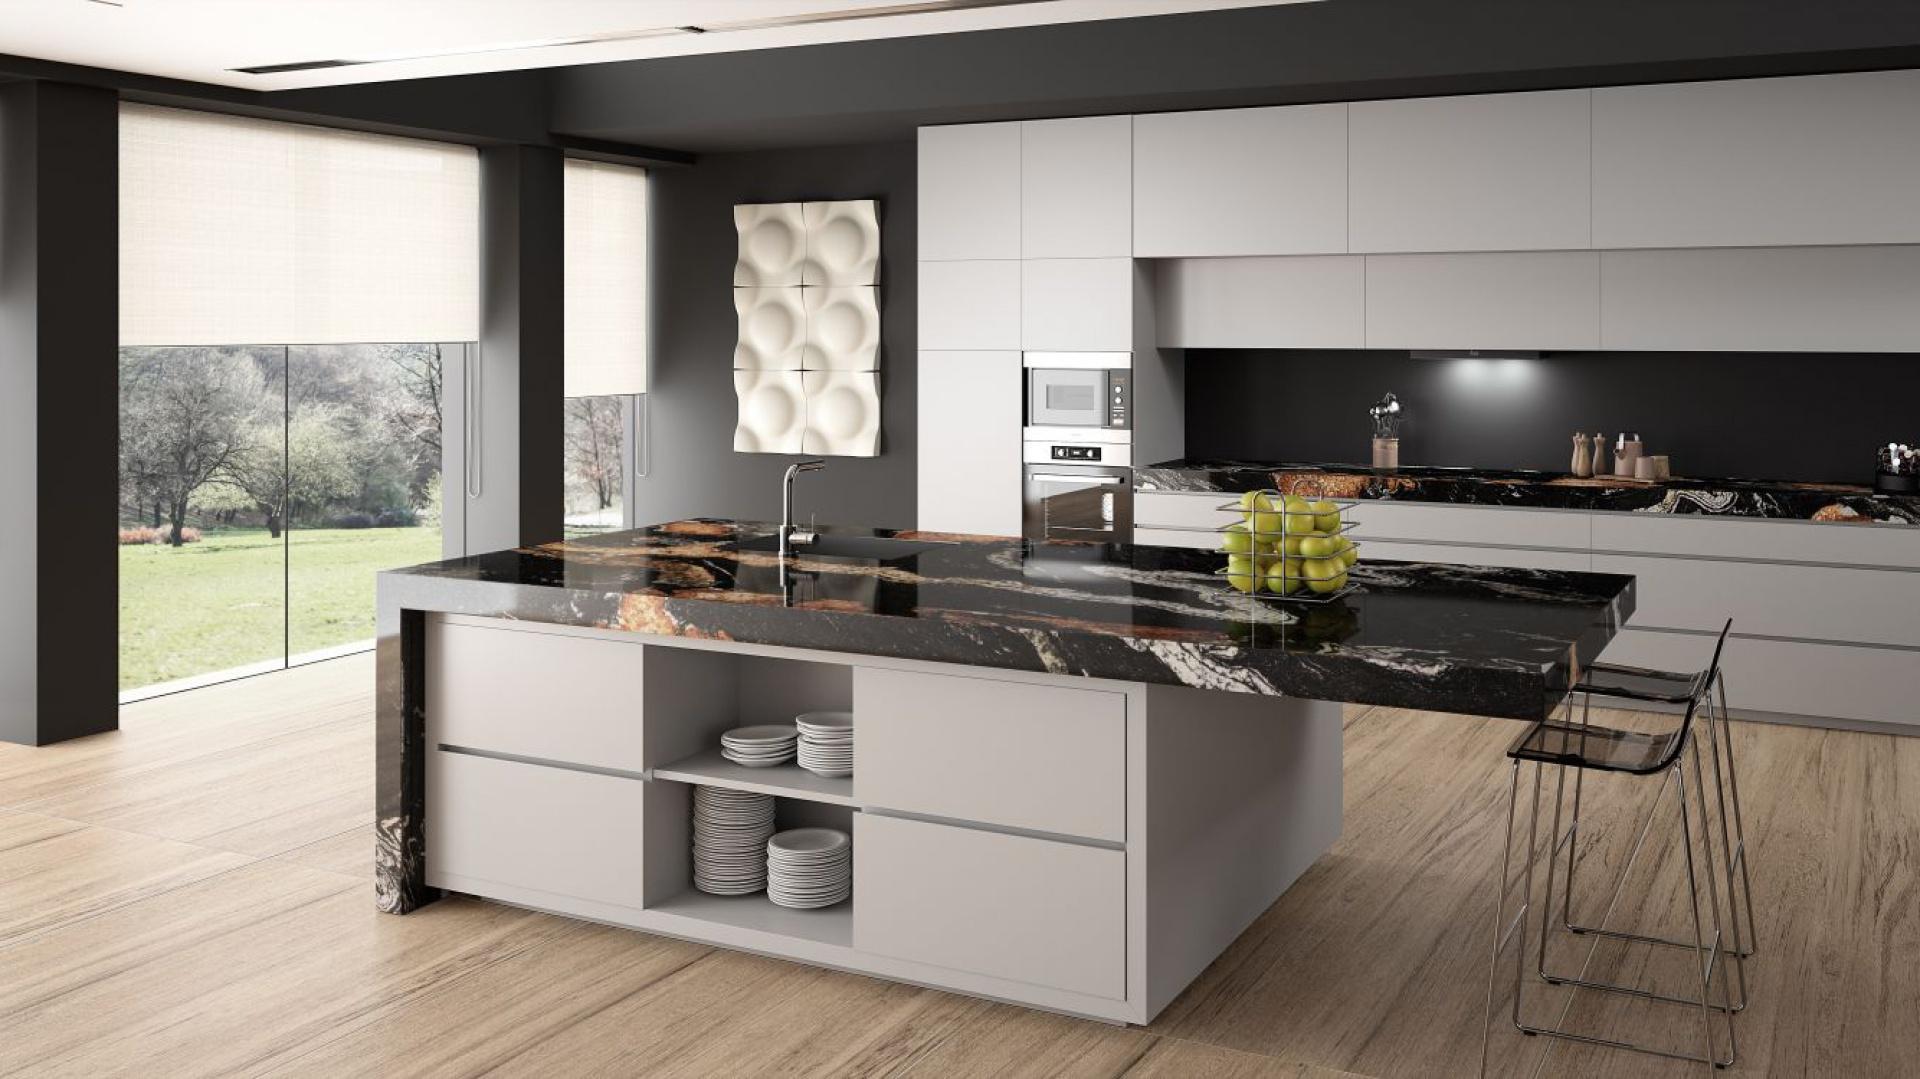 Kamienny blat sprawdzi się nie tylko w klasycznych kuchniach, wspaniale harmonizuje również z nowoczesną zabudową, nadając jej szyk i elegancję. Tutaj w wersji blisko 10-centymetrowej został nałożony na dolną zabudowę oraz wyspę kuchenną, wychodząc poza jej obrys i pełniąc również funkcję baru. Fot. Cosentino, blat Sensa by Cosentino Orinoco.